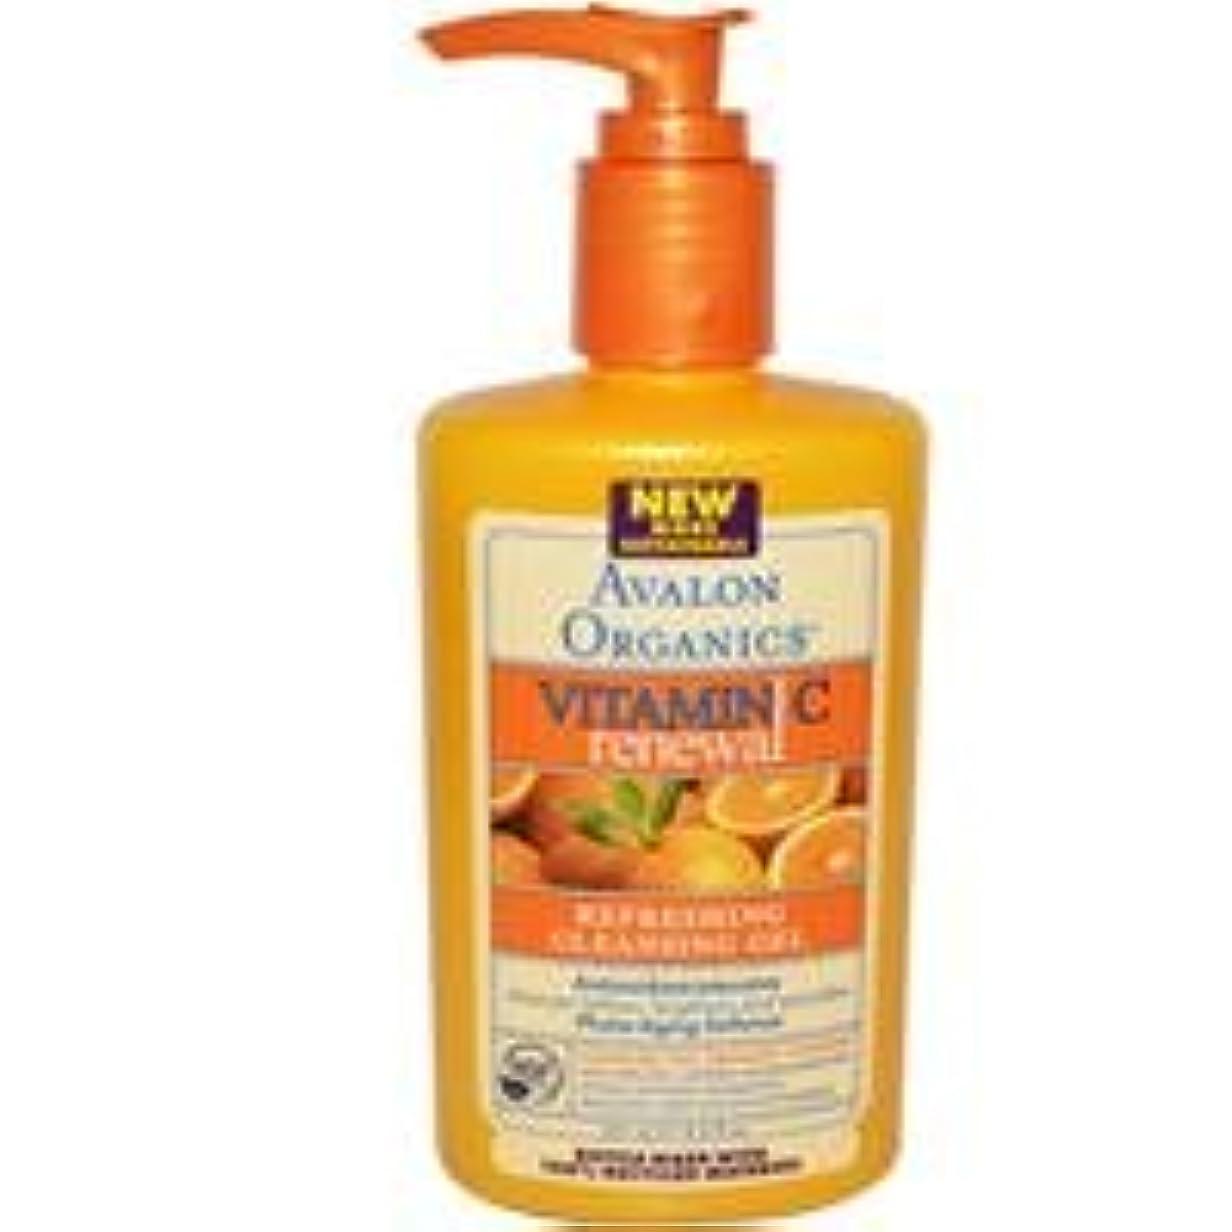 バンクウィンク伝統[海外直送品] アバロンオーガニック(Avalon Organics)    ビタミンC クレンジング ジェル 251ml